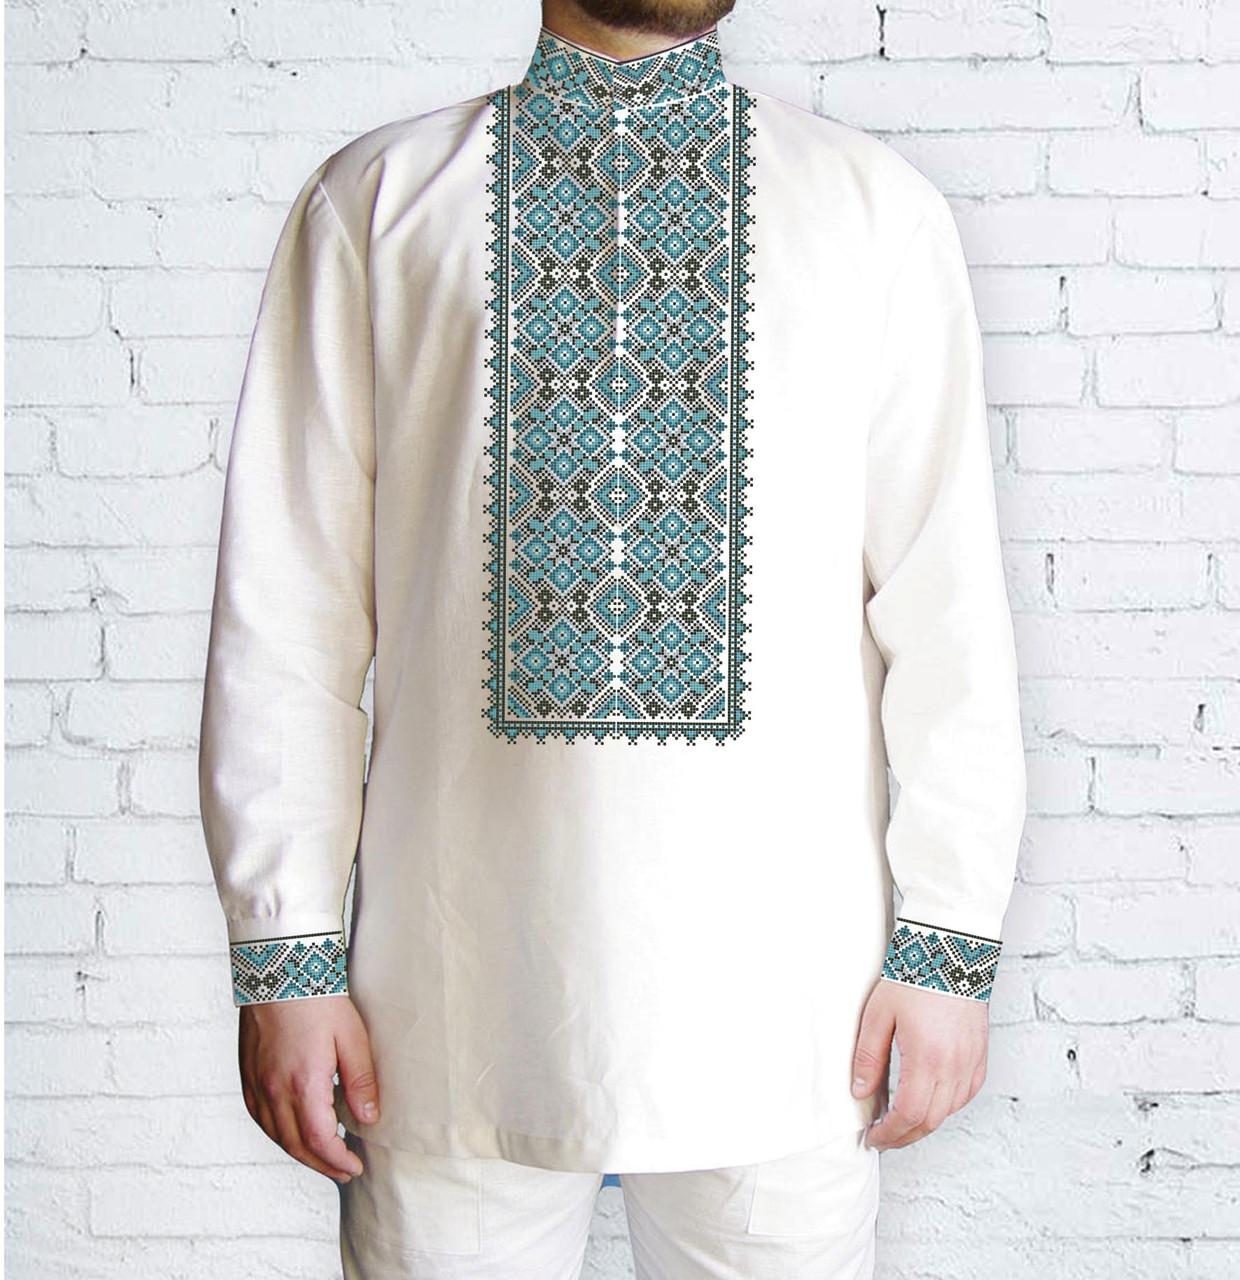 Заготовка чоловічої сорочки та вишиванки для вишивки чи вишивання бісером Бисерок «539 Зелена» (Ч-539  )